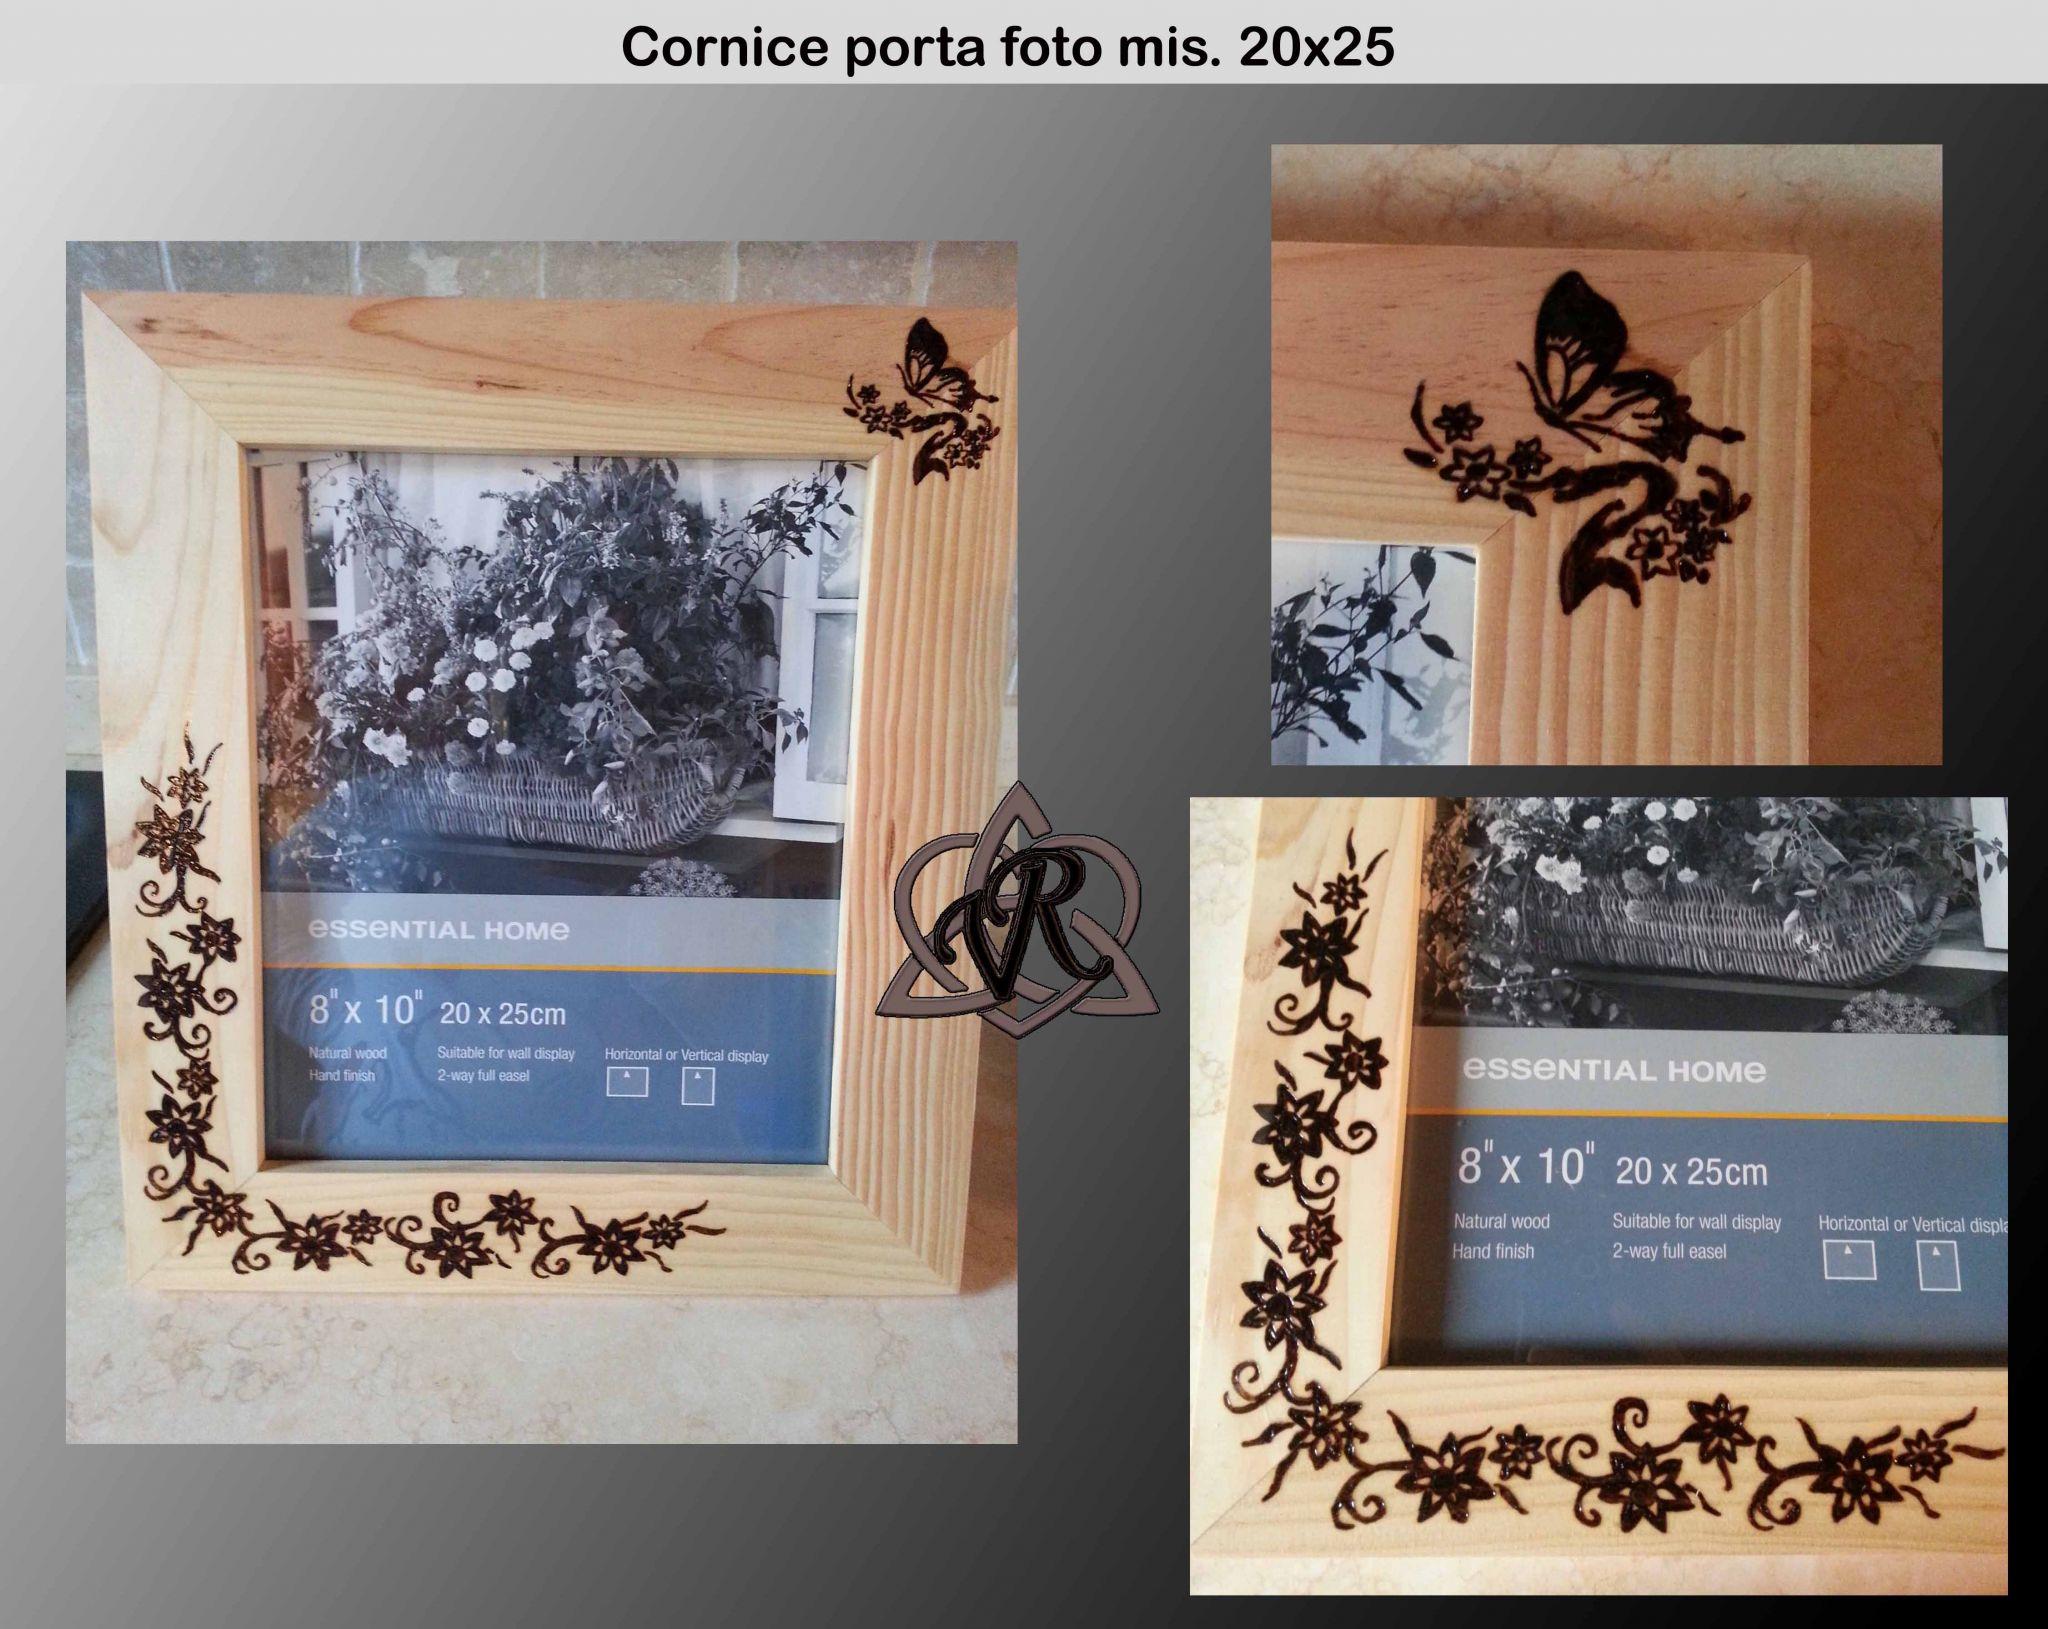 Cornice p/foto GRANDE mis. 20x25